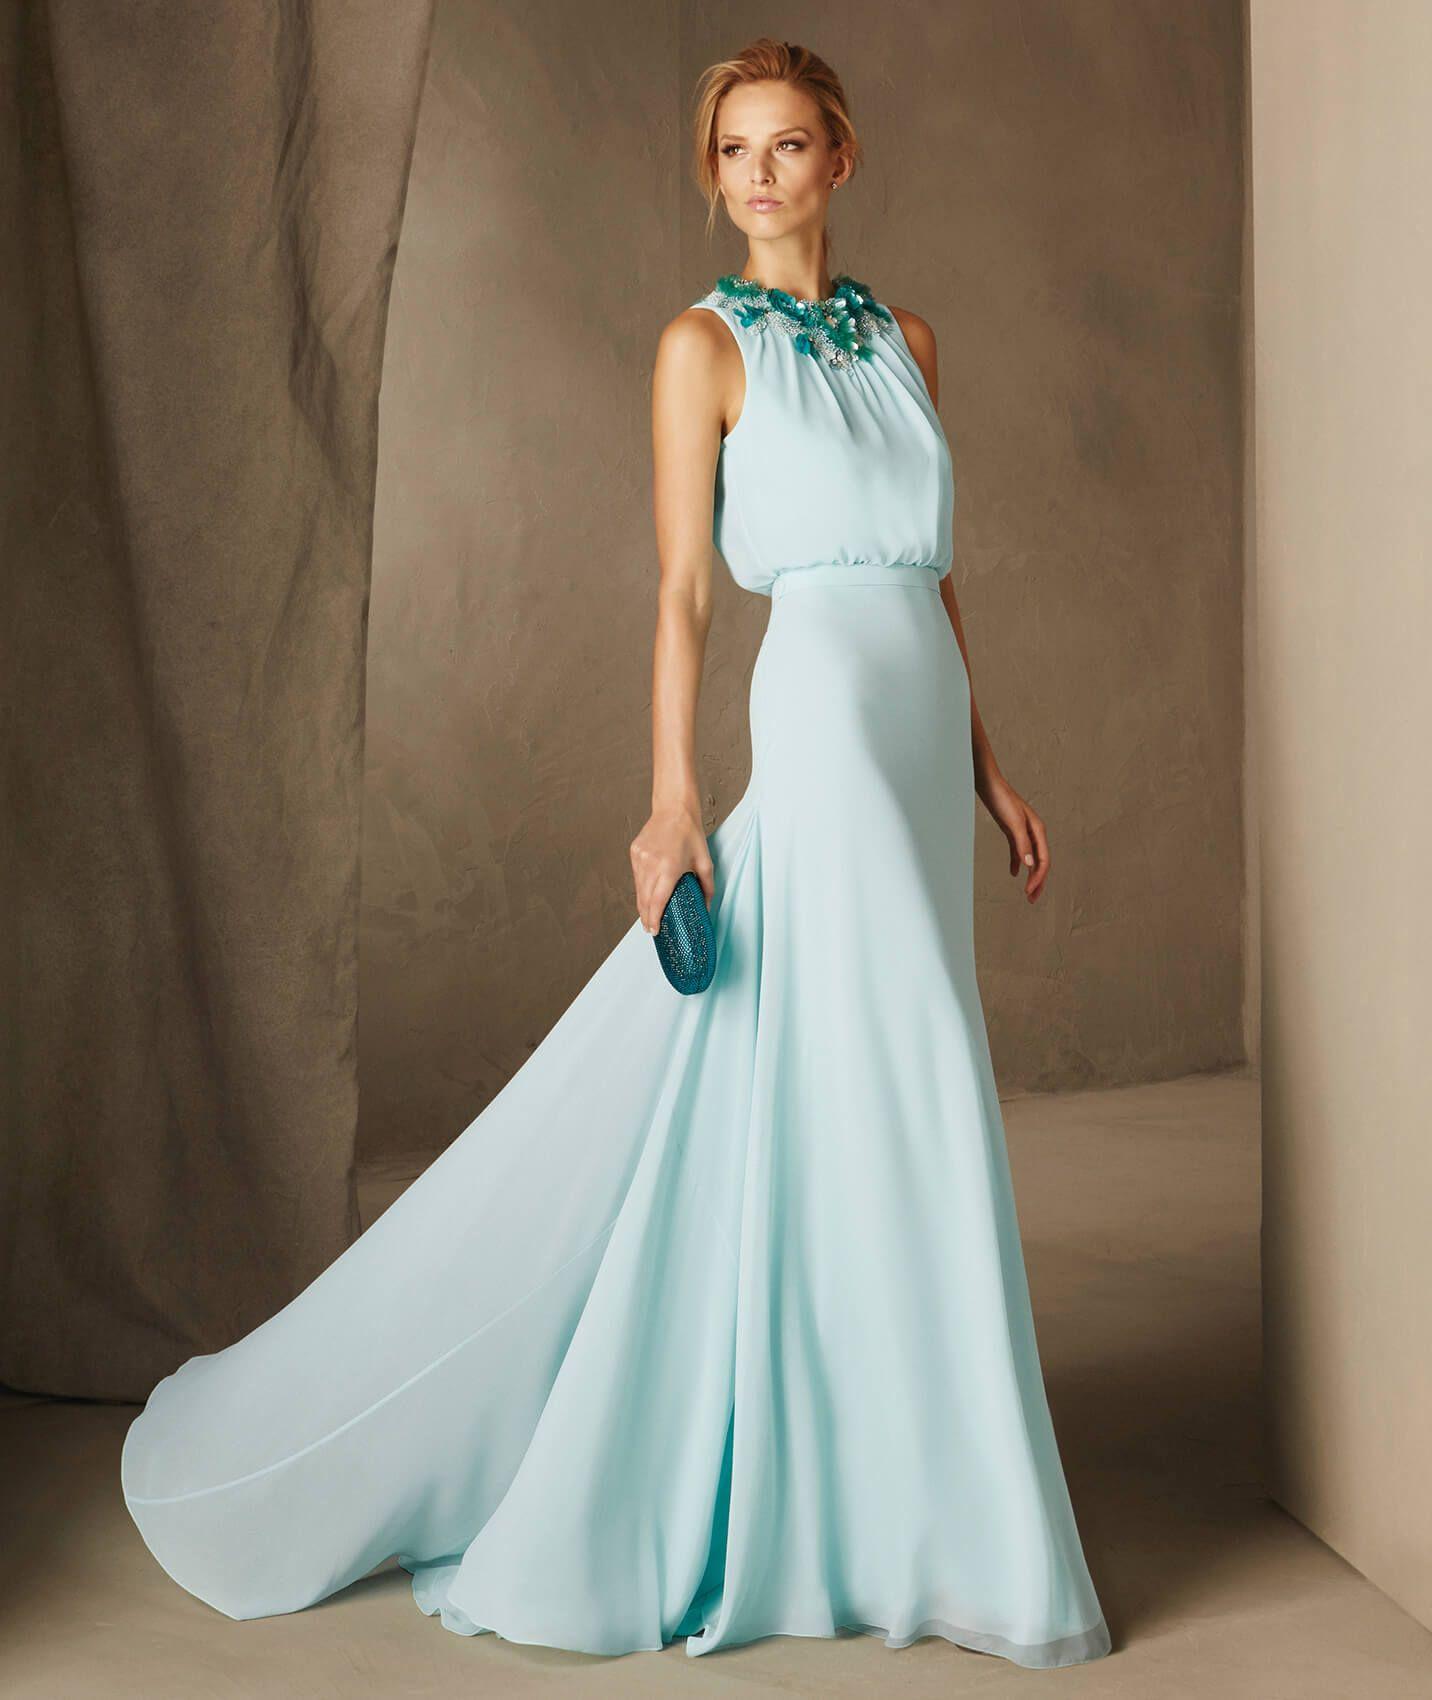 CATANIA - Vestido largo con collar floral Pronovias | vestidos ...